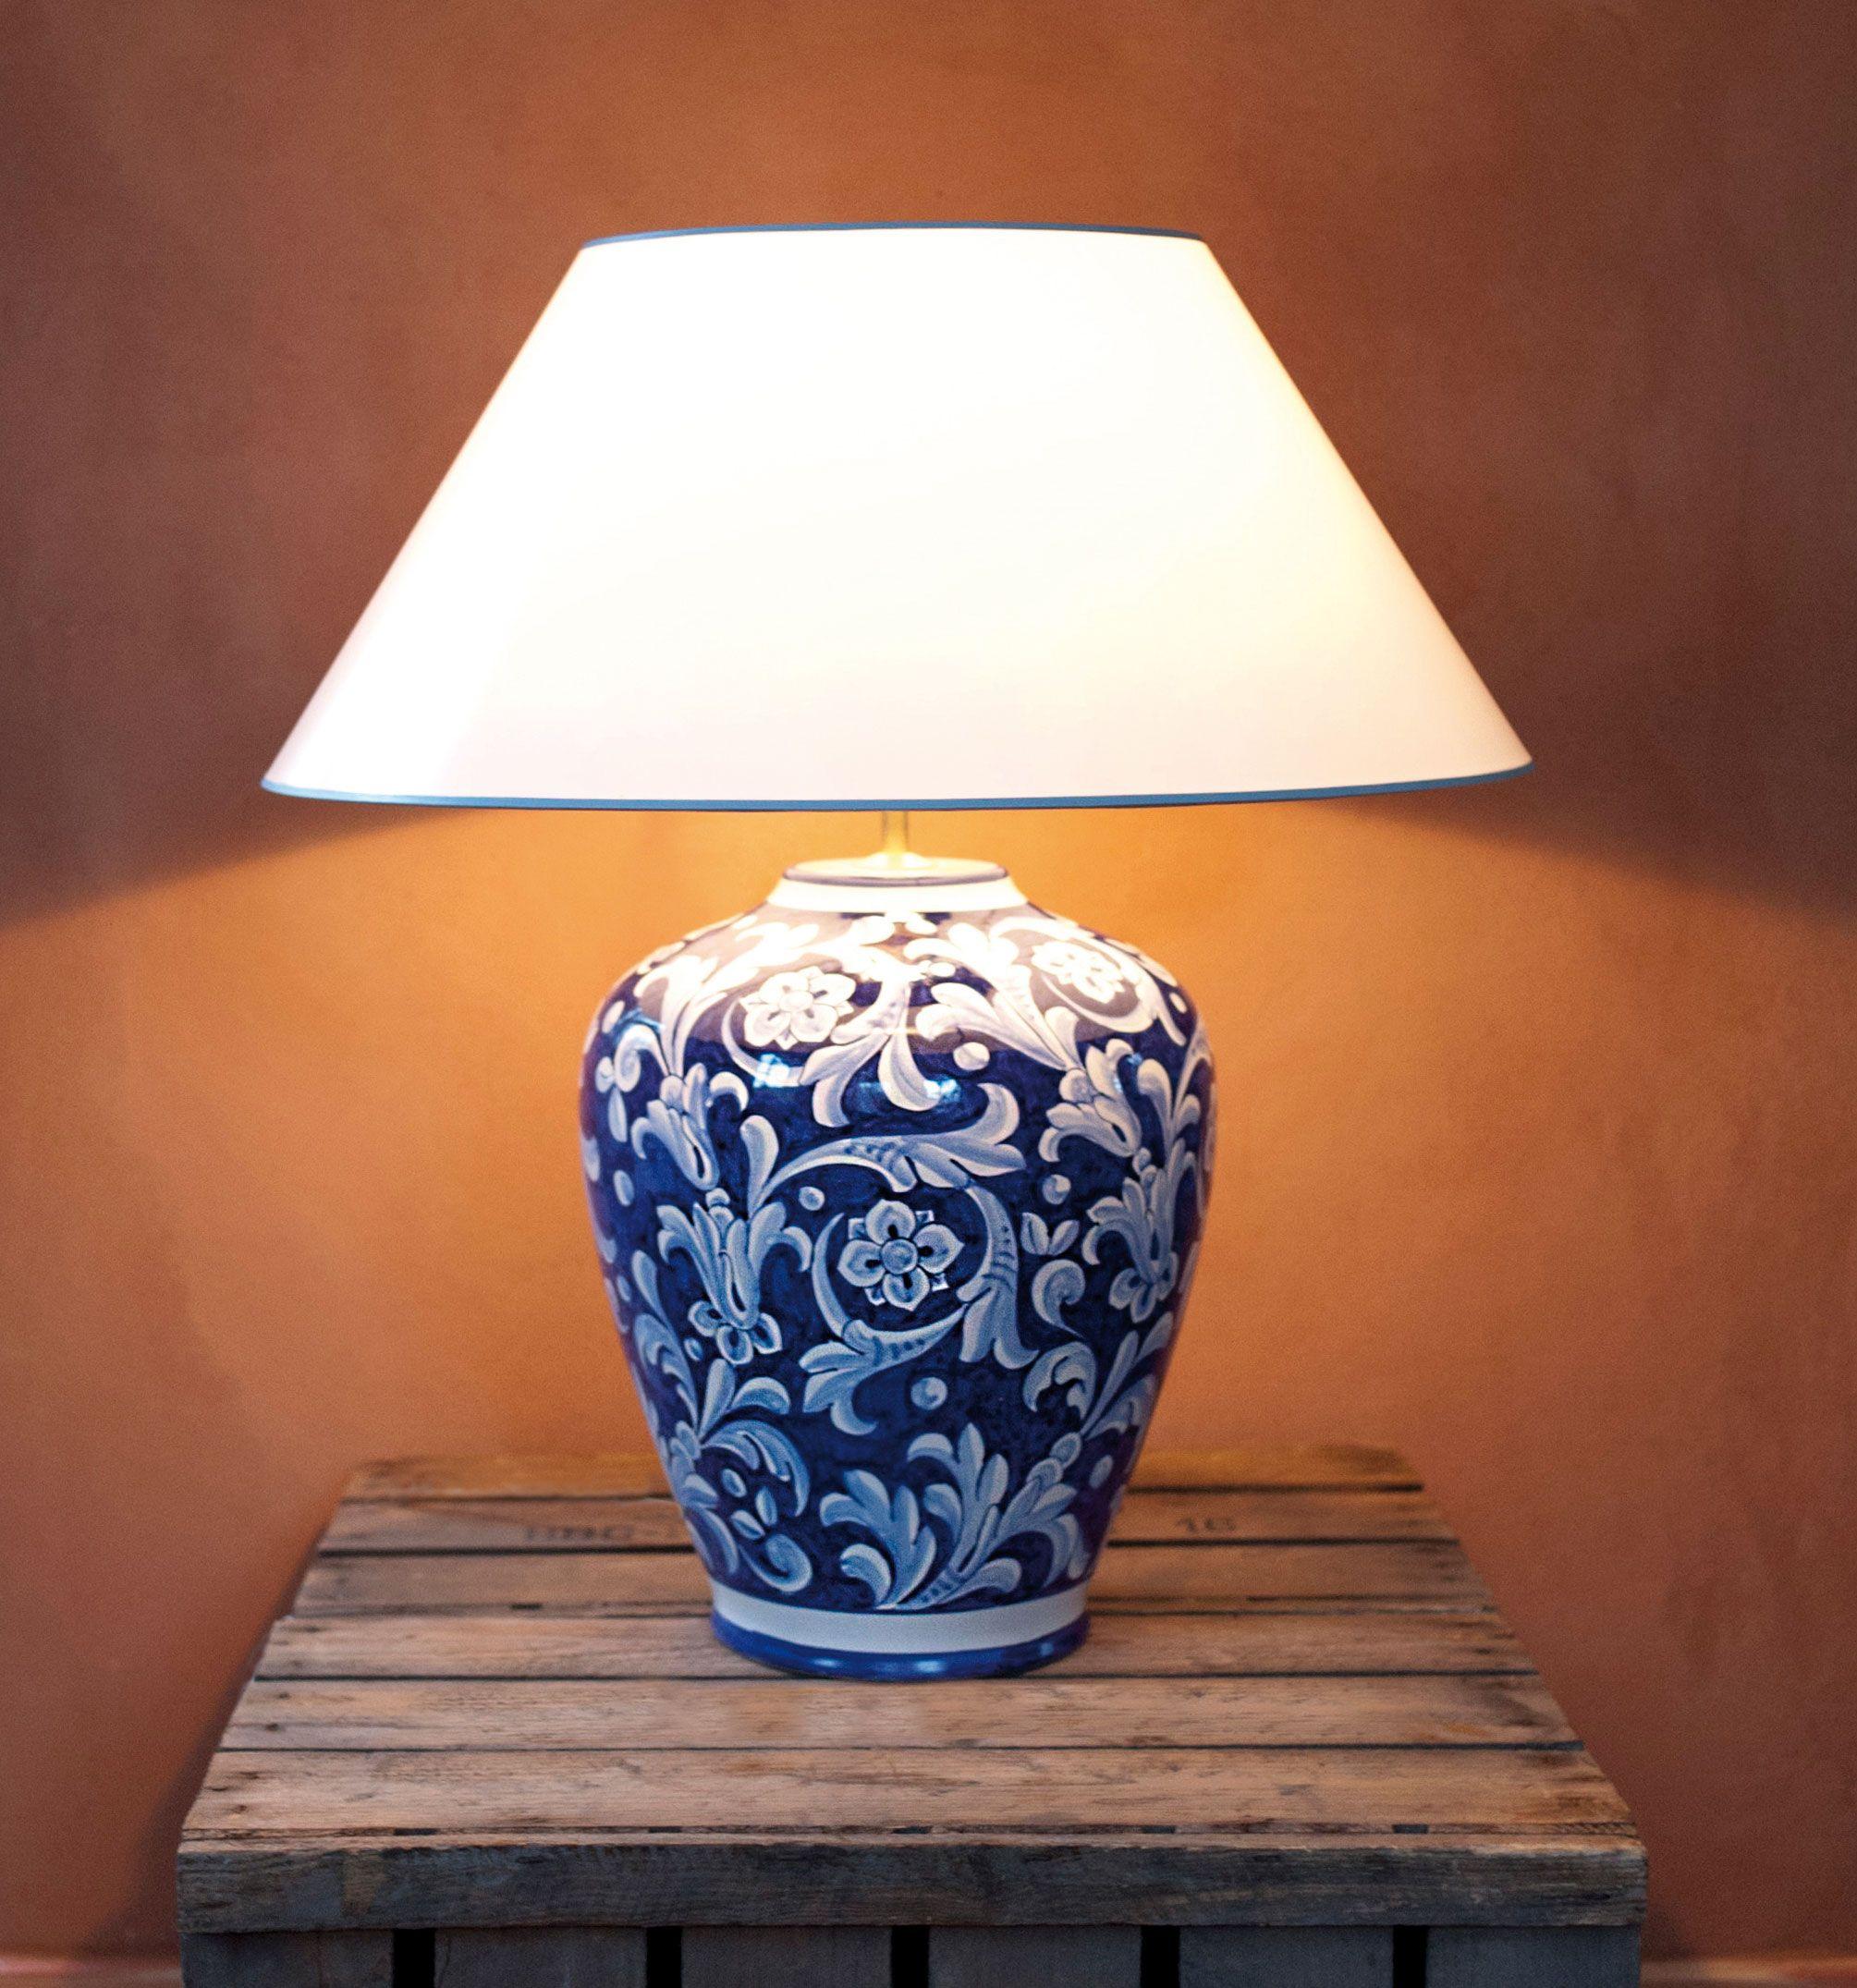 Blaueweisse Handgemalte Keramik Tischlampe, Florentiner Muster Aus Italien